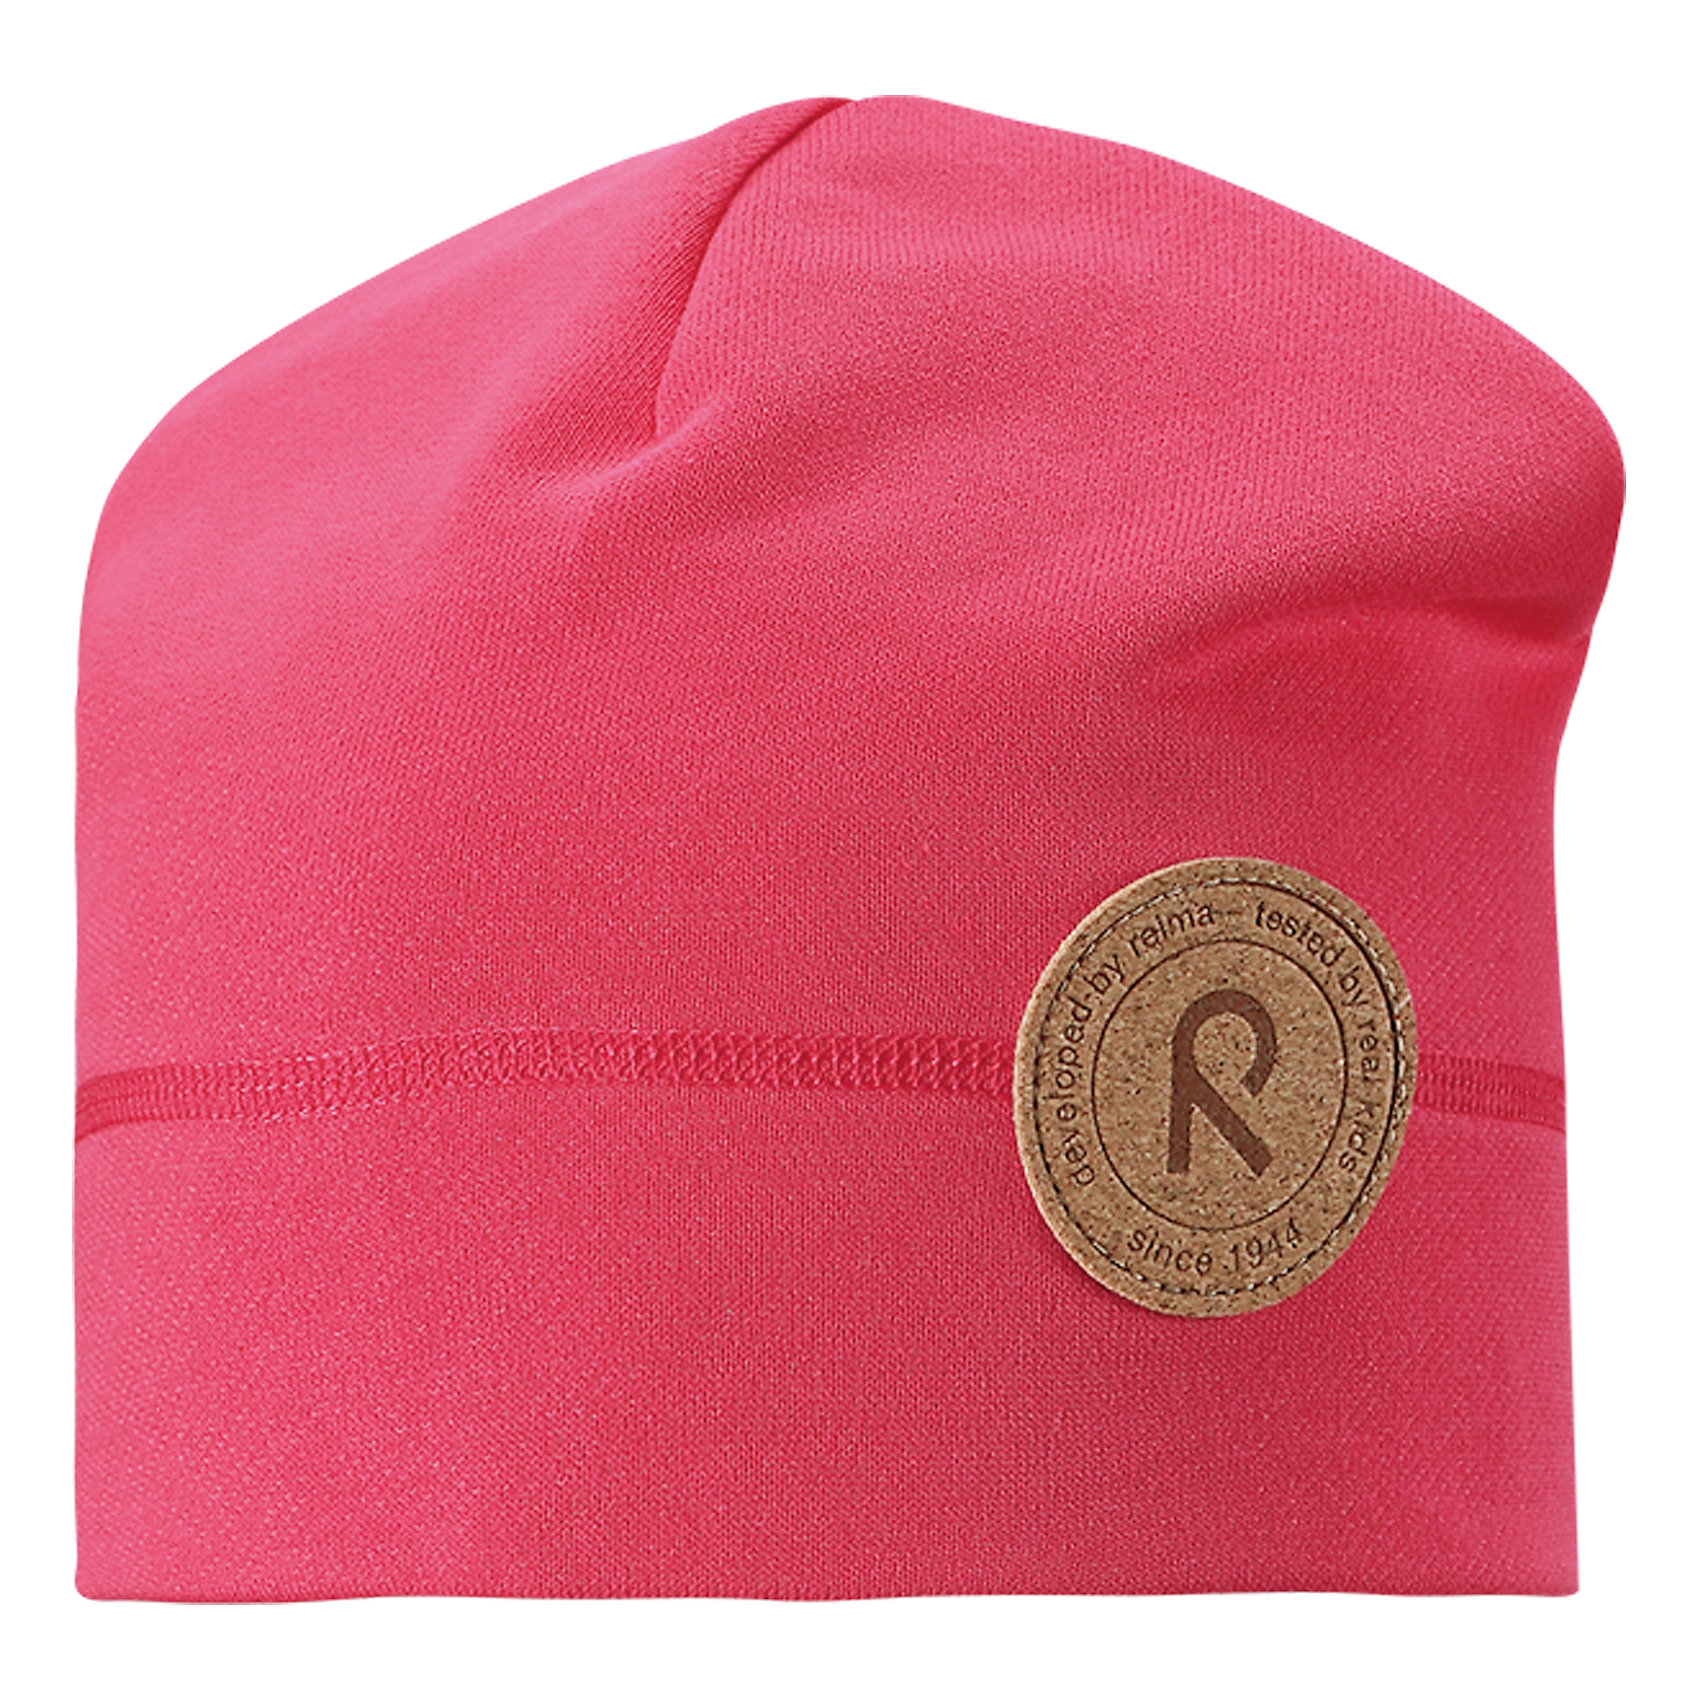 Шапка Puhkus для девочки ReimaШапки и шарфы<br>Характеристики товара:<br><br>• цвет: розовый<br>• состав: 55% полиэстер, 45% хлопок<br>• температурный режим: от +5°до +15°С<br>• эластичный материал<br>• мягкая футер изнутри<br>• без подкладки<br>• логотип<br>• комфортная посадка<br>• страна производства: Китай<br>• страна бренда: Финляндия<br>• коллекция: весна-лето 2017<br><br>Детский головной убор может быть модным и удобным одновременно! Стильная шапка поможет обеспечить ребенку комфорт и дополнить наряд. Она отлично смотрится с различной одеждой. Шапка удобно сидит и аккуратно выглядит. Проста в уходе, долго служит. Продуманный крой разрабатывался специально для детей.<br><br>Обувь и одежда от финского бренда Reima пользуются популярностью во многих странах. Они стильные, качественные и удобные. Для производства продукции используются только безопасные, проверенные материалы и фурнитура. Порадуйте ребенка модными и красивыми вещами от Lassie®! <br><br>Шапку для девочки от финского бренда Reima можно купить в нашем интернет-магазине.<br><br>Ширина мм: 89<br>Глубина мм: 117<br>Высота мм: 44<br>Вес г: 155<br>Цвет: розовый<br>Возраст от месяцев: 48<br>Возраст до месяцев: 84<br>Пол: Женский<br>Возраст: Детский<br>Размер: 54,50<br>SKU: 5267886